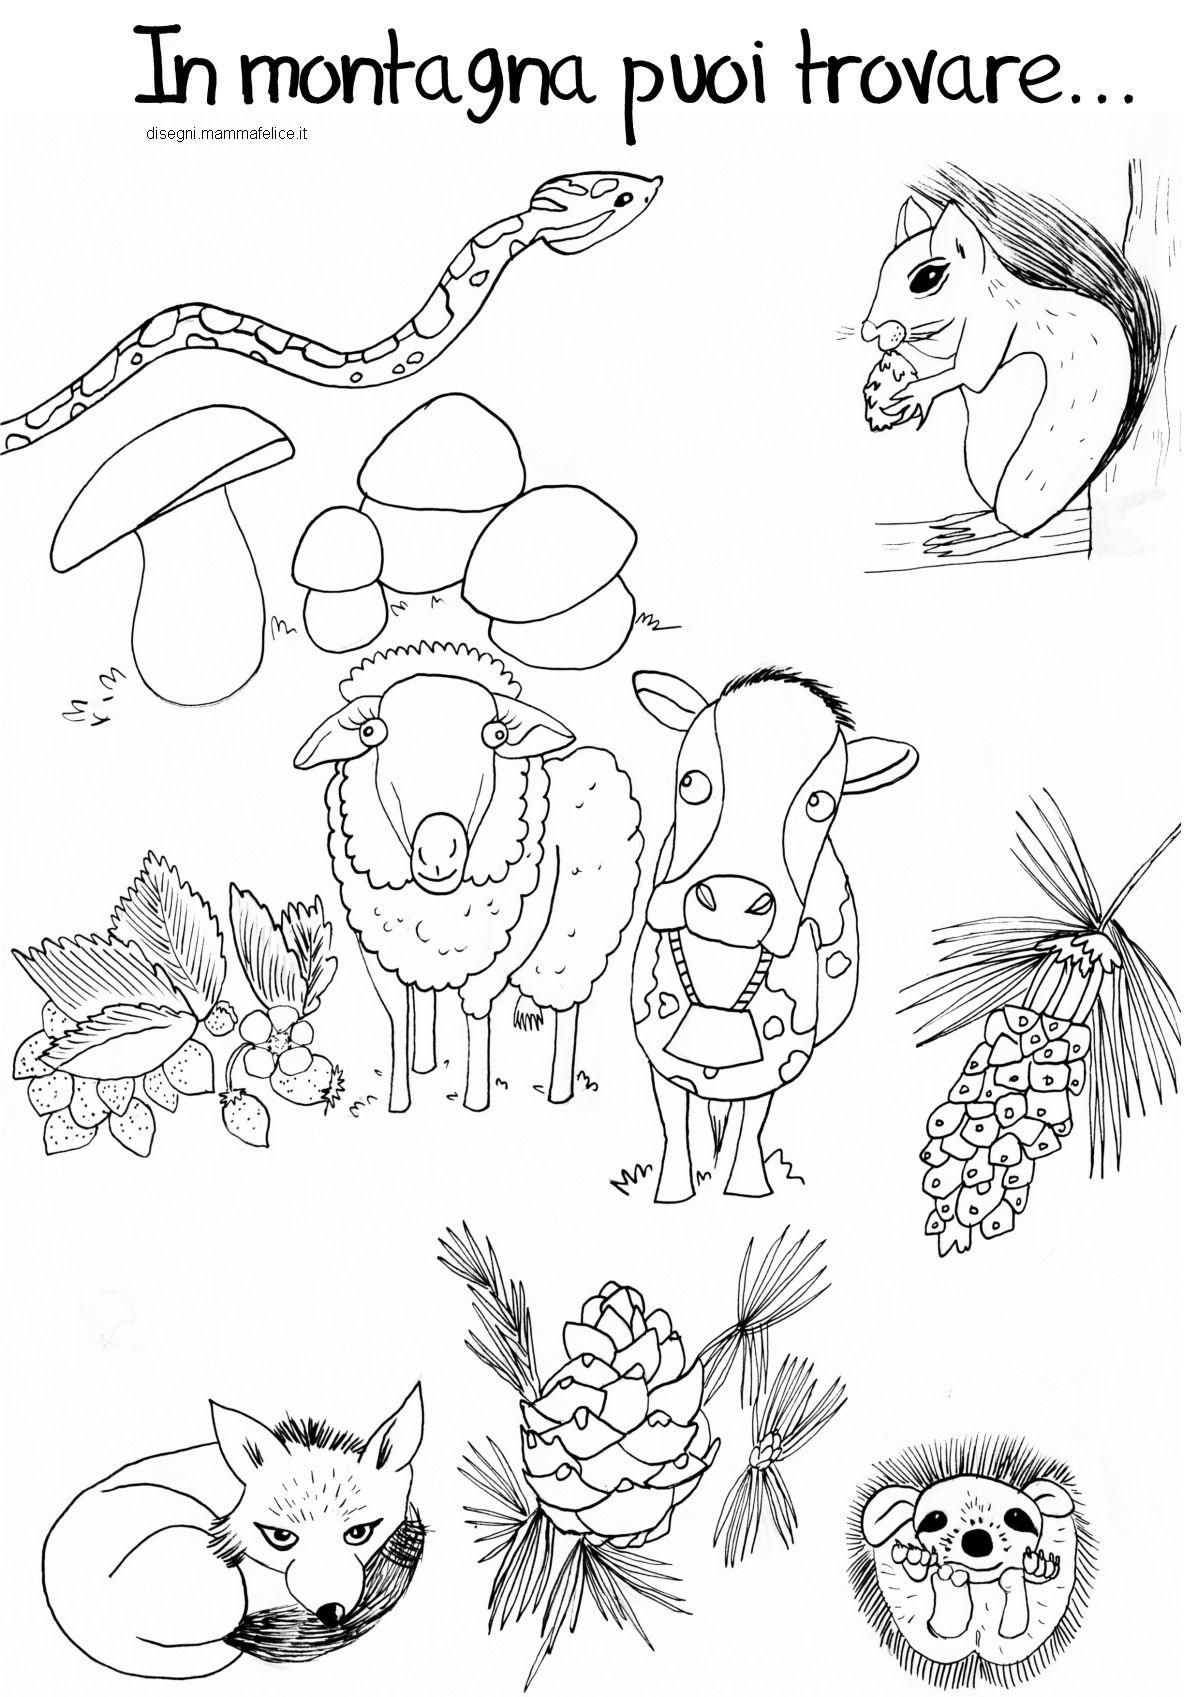 Disegni Da Colorare Bambini Montagna Animali Mucca